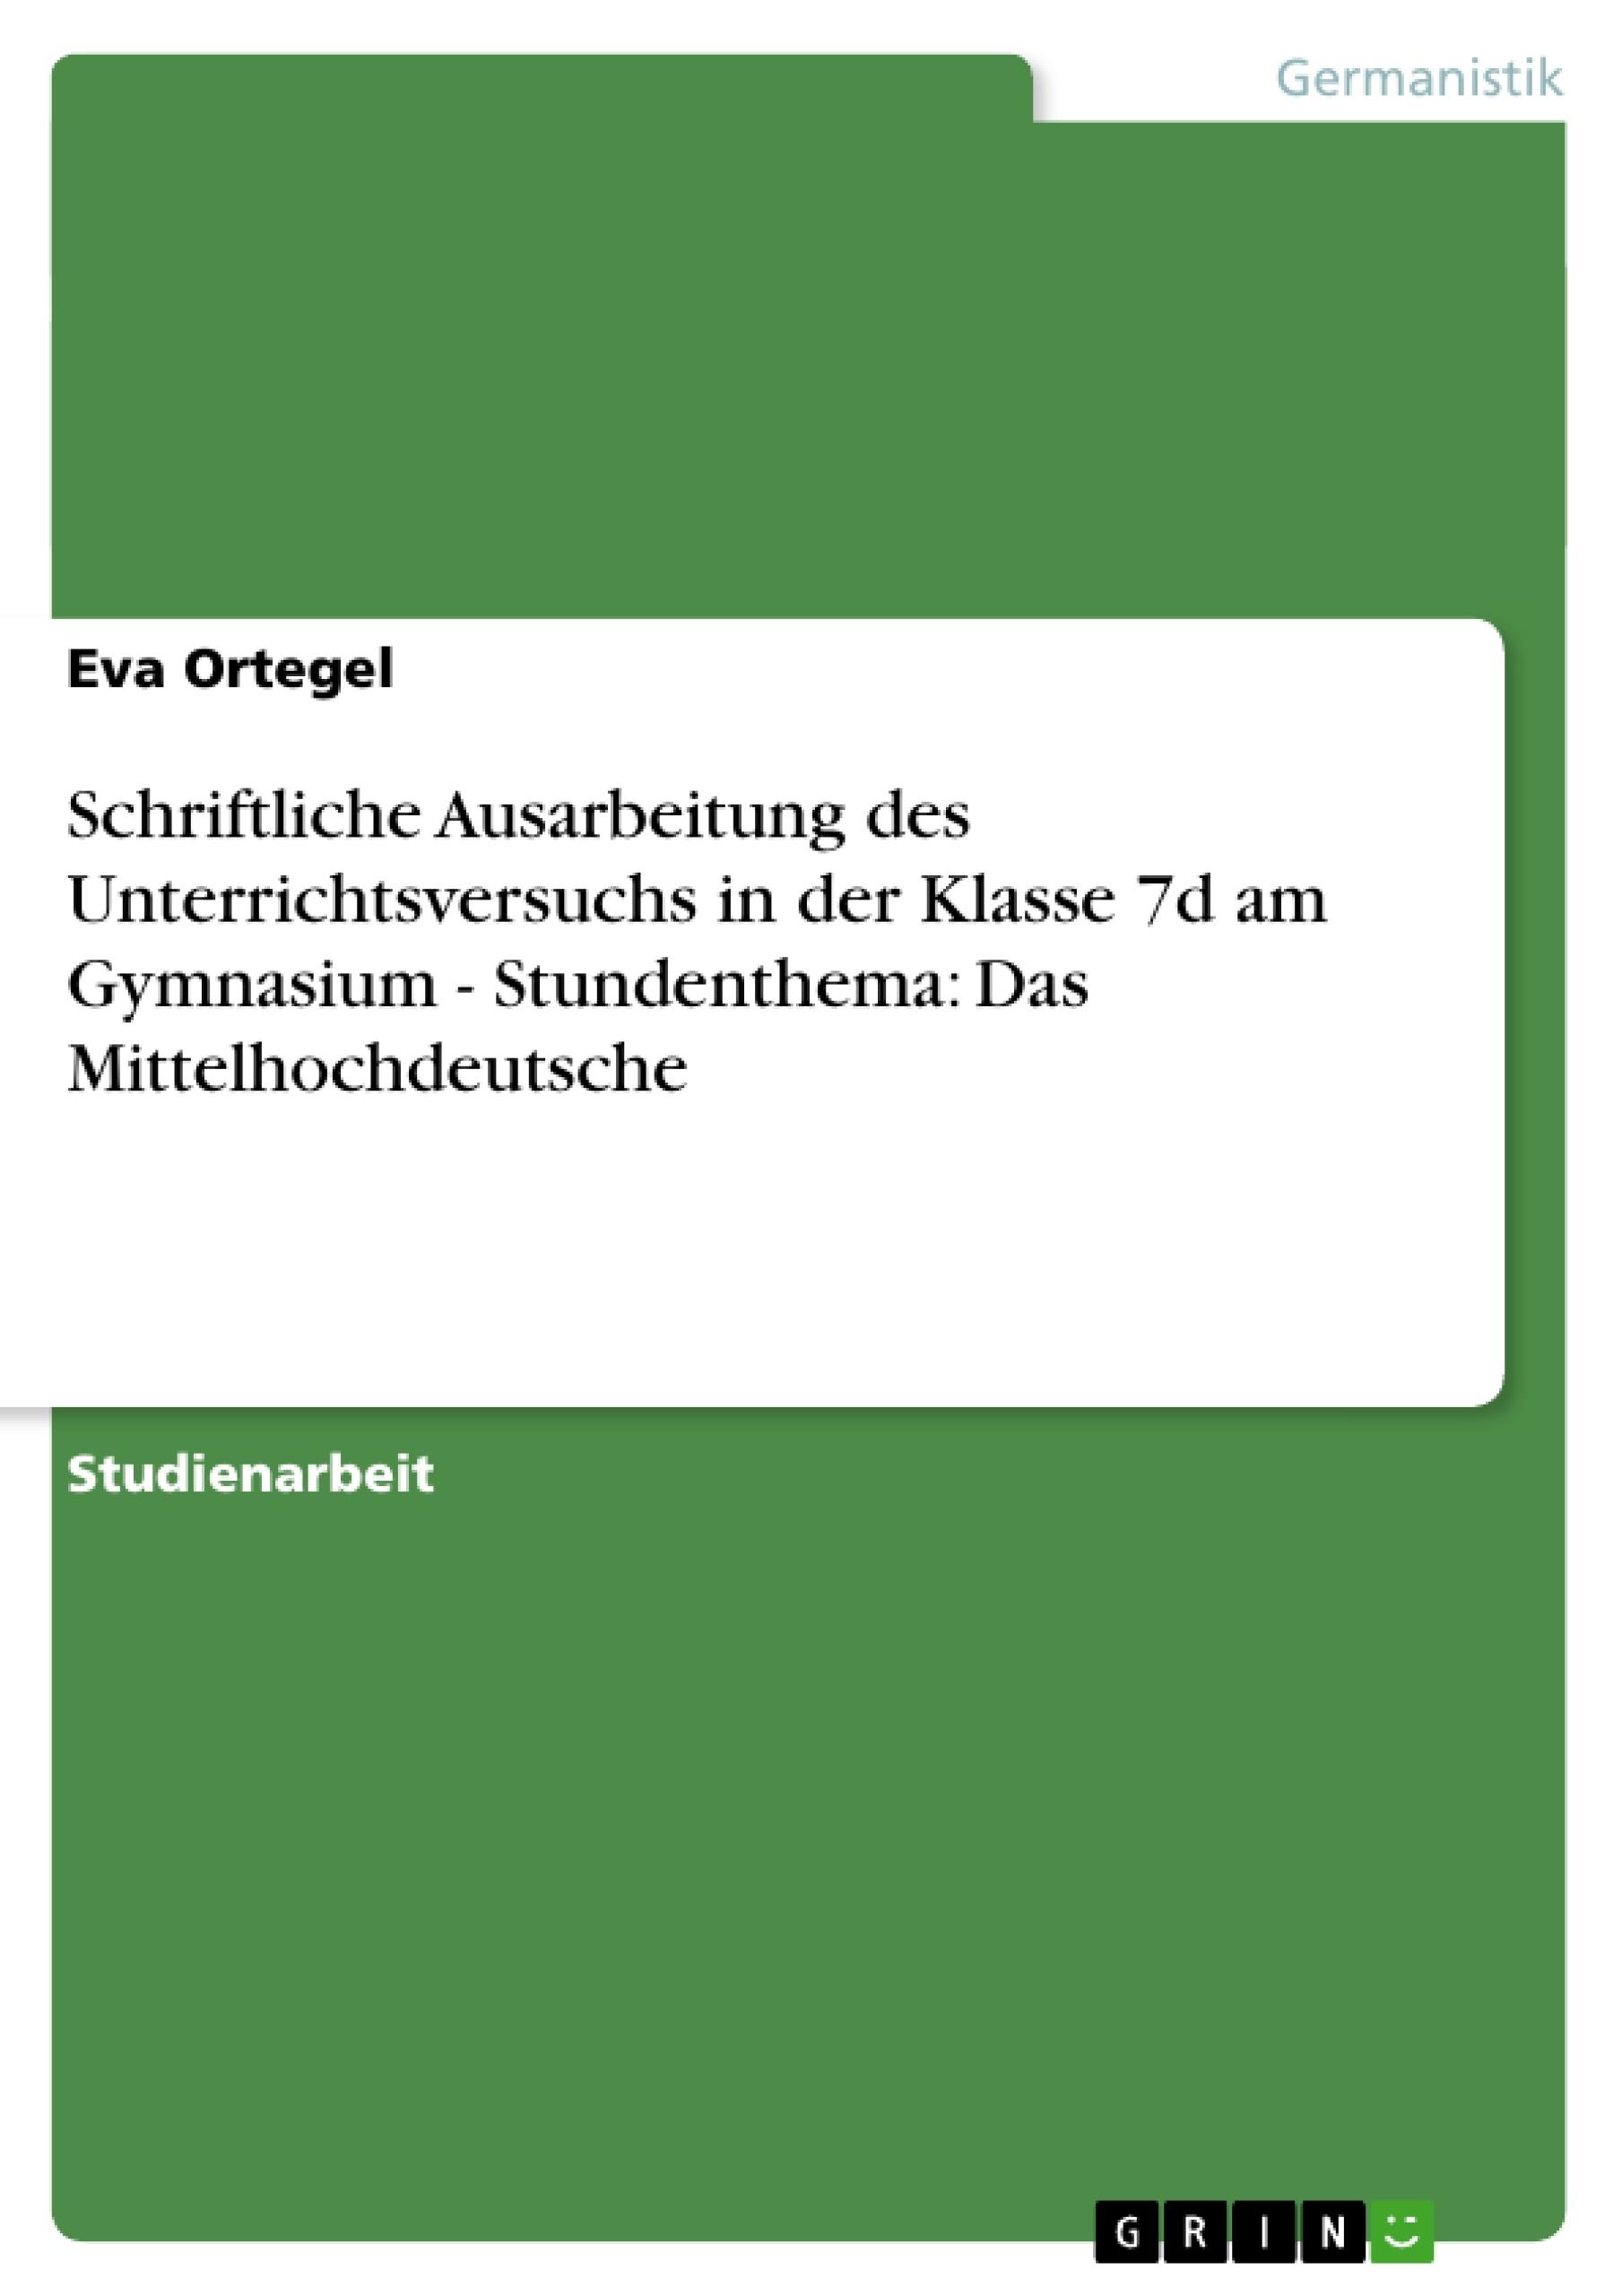 Titel: Schriftliche Ausarbeitung des Unterrichtsversuchs in der Klasse 7d am Gymnasium - Stundenthema: Das Mittelhochdeutsche